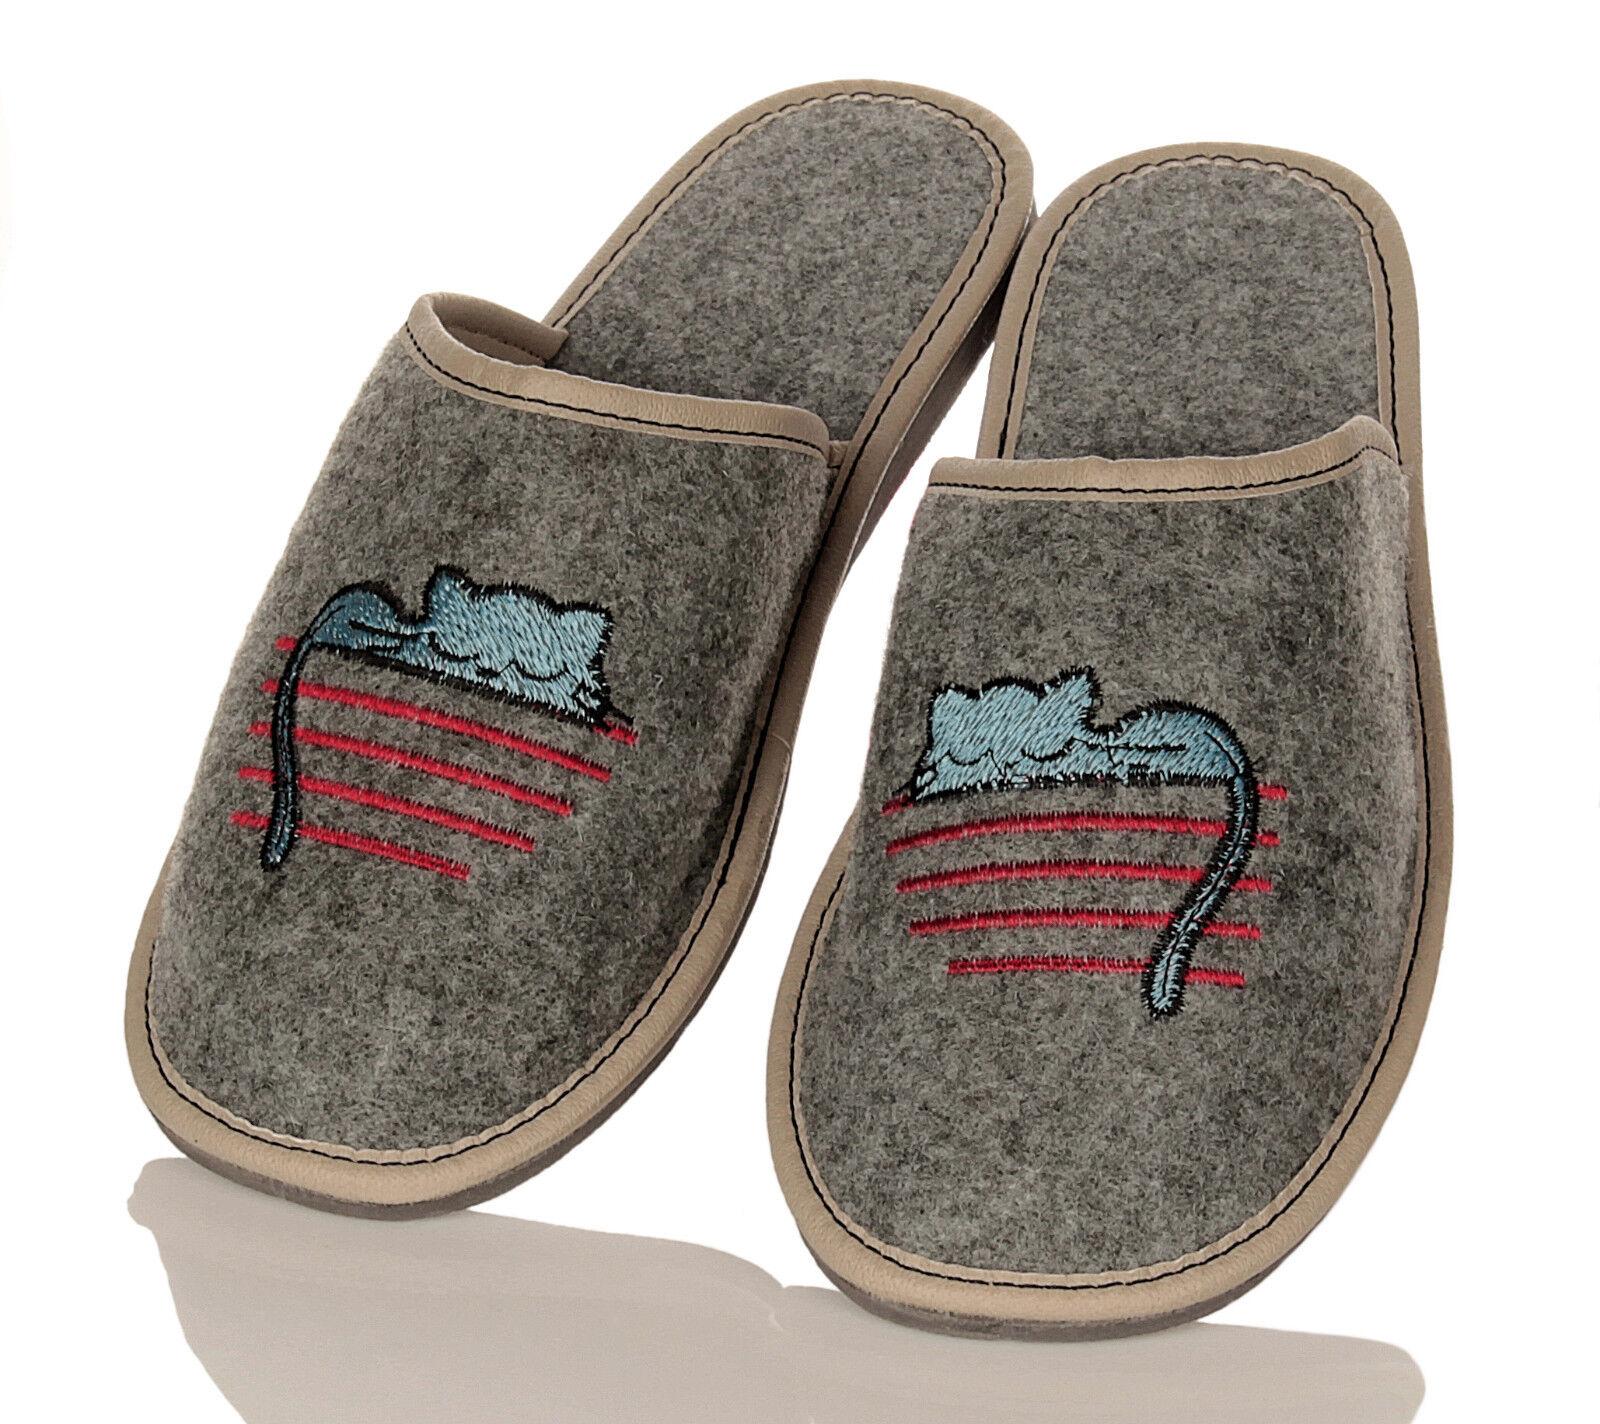 Damen Filz HausSchuhe Pantoffeln Pantoletten mit Katzengesicht Gr. 36 - 41 NEU